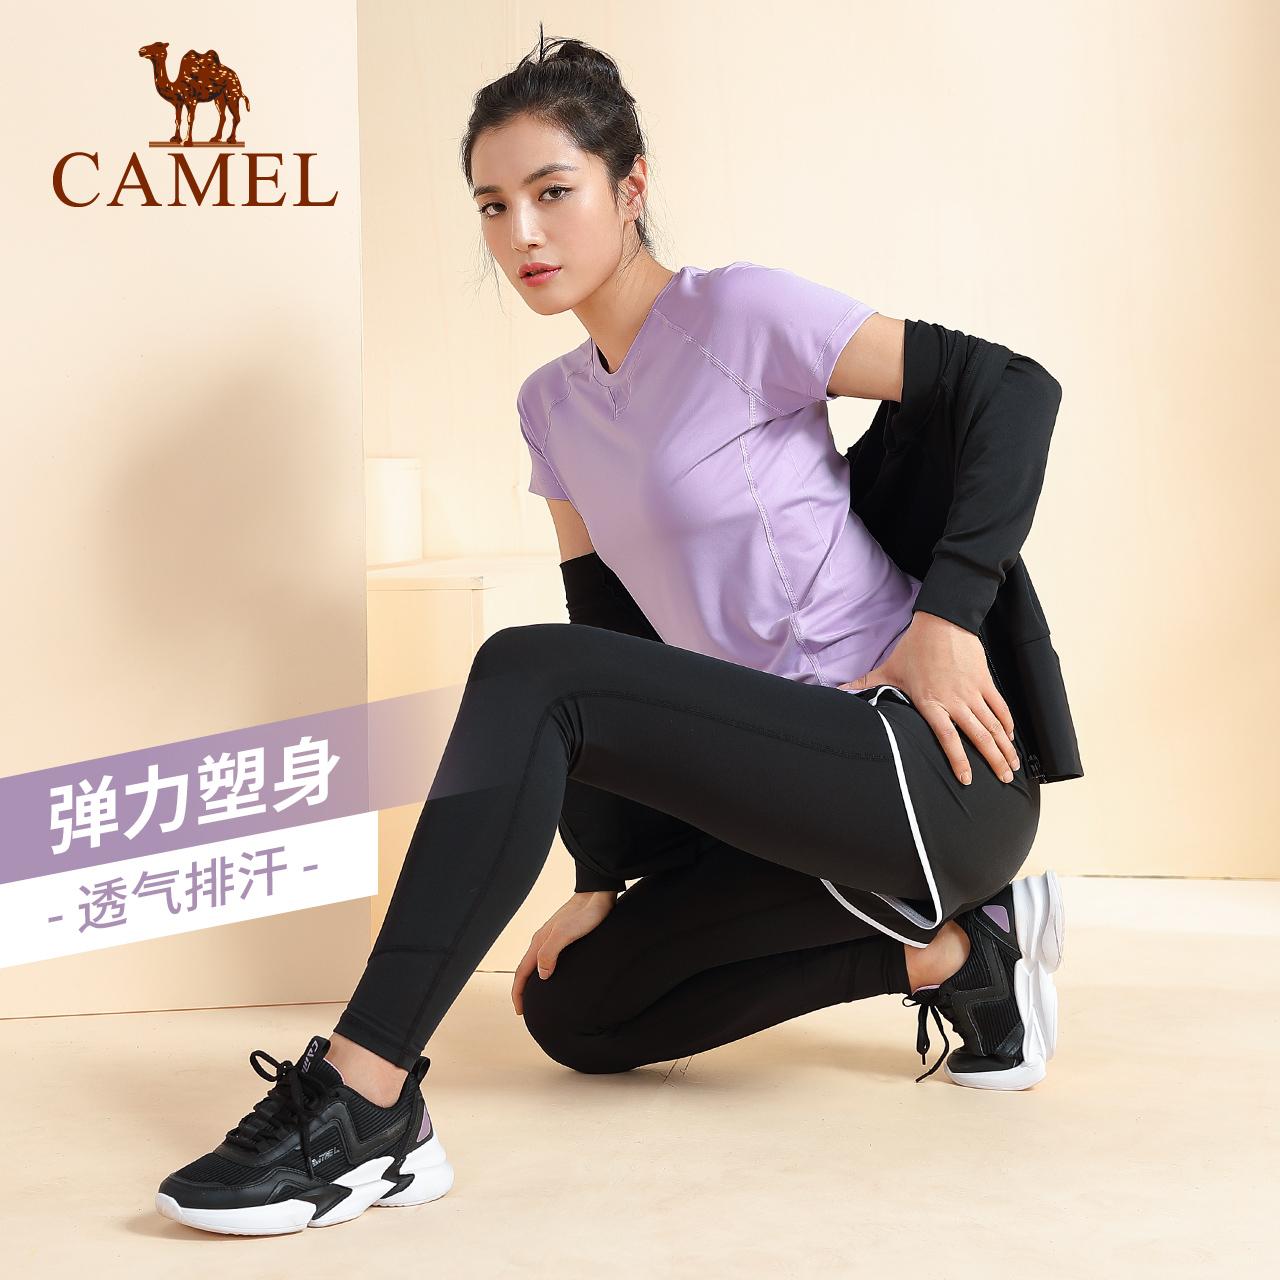 【骆驼】男女瑜珈运动服套装